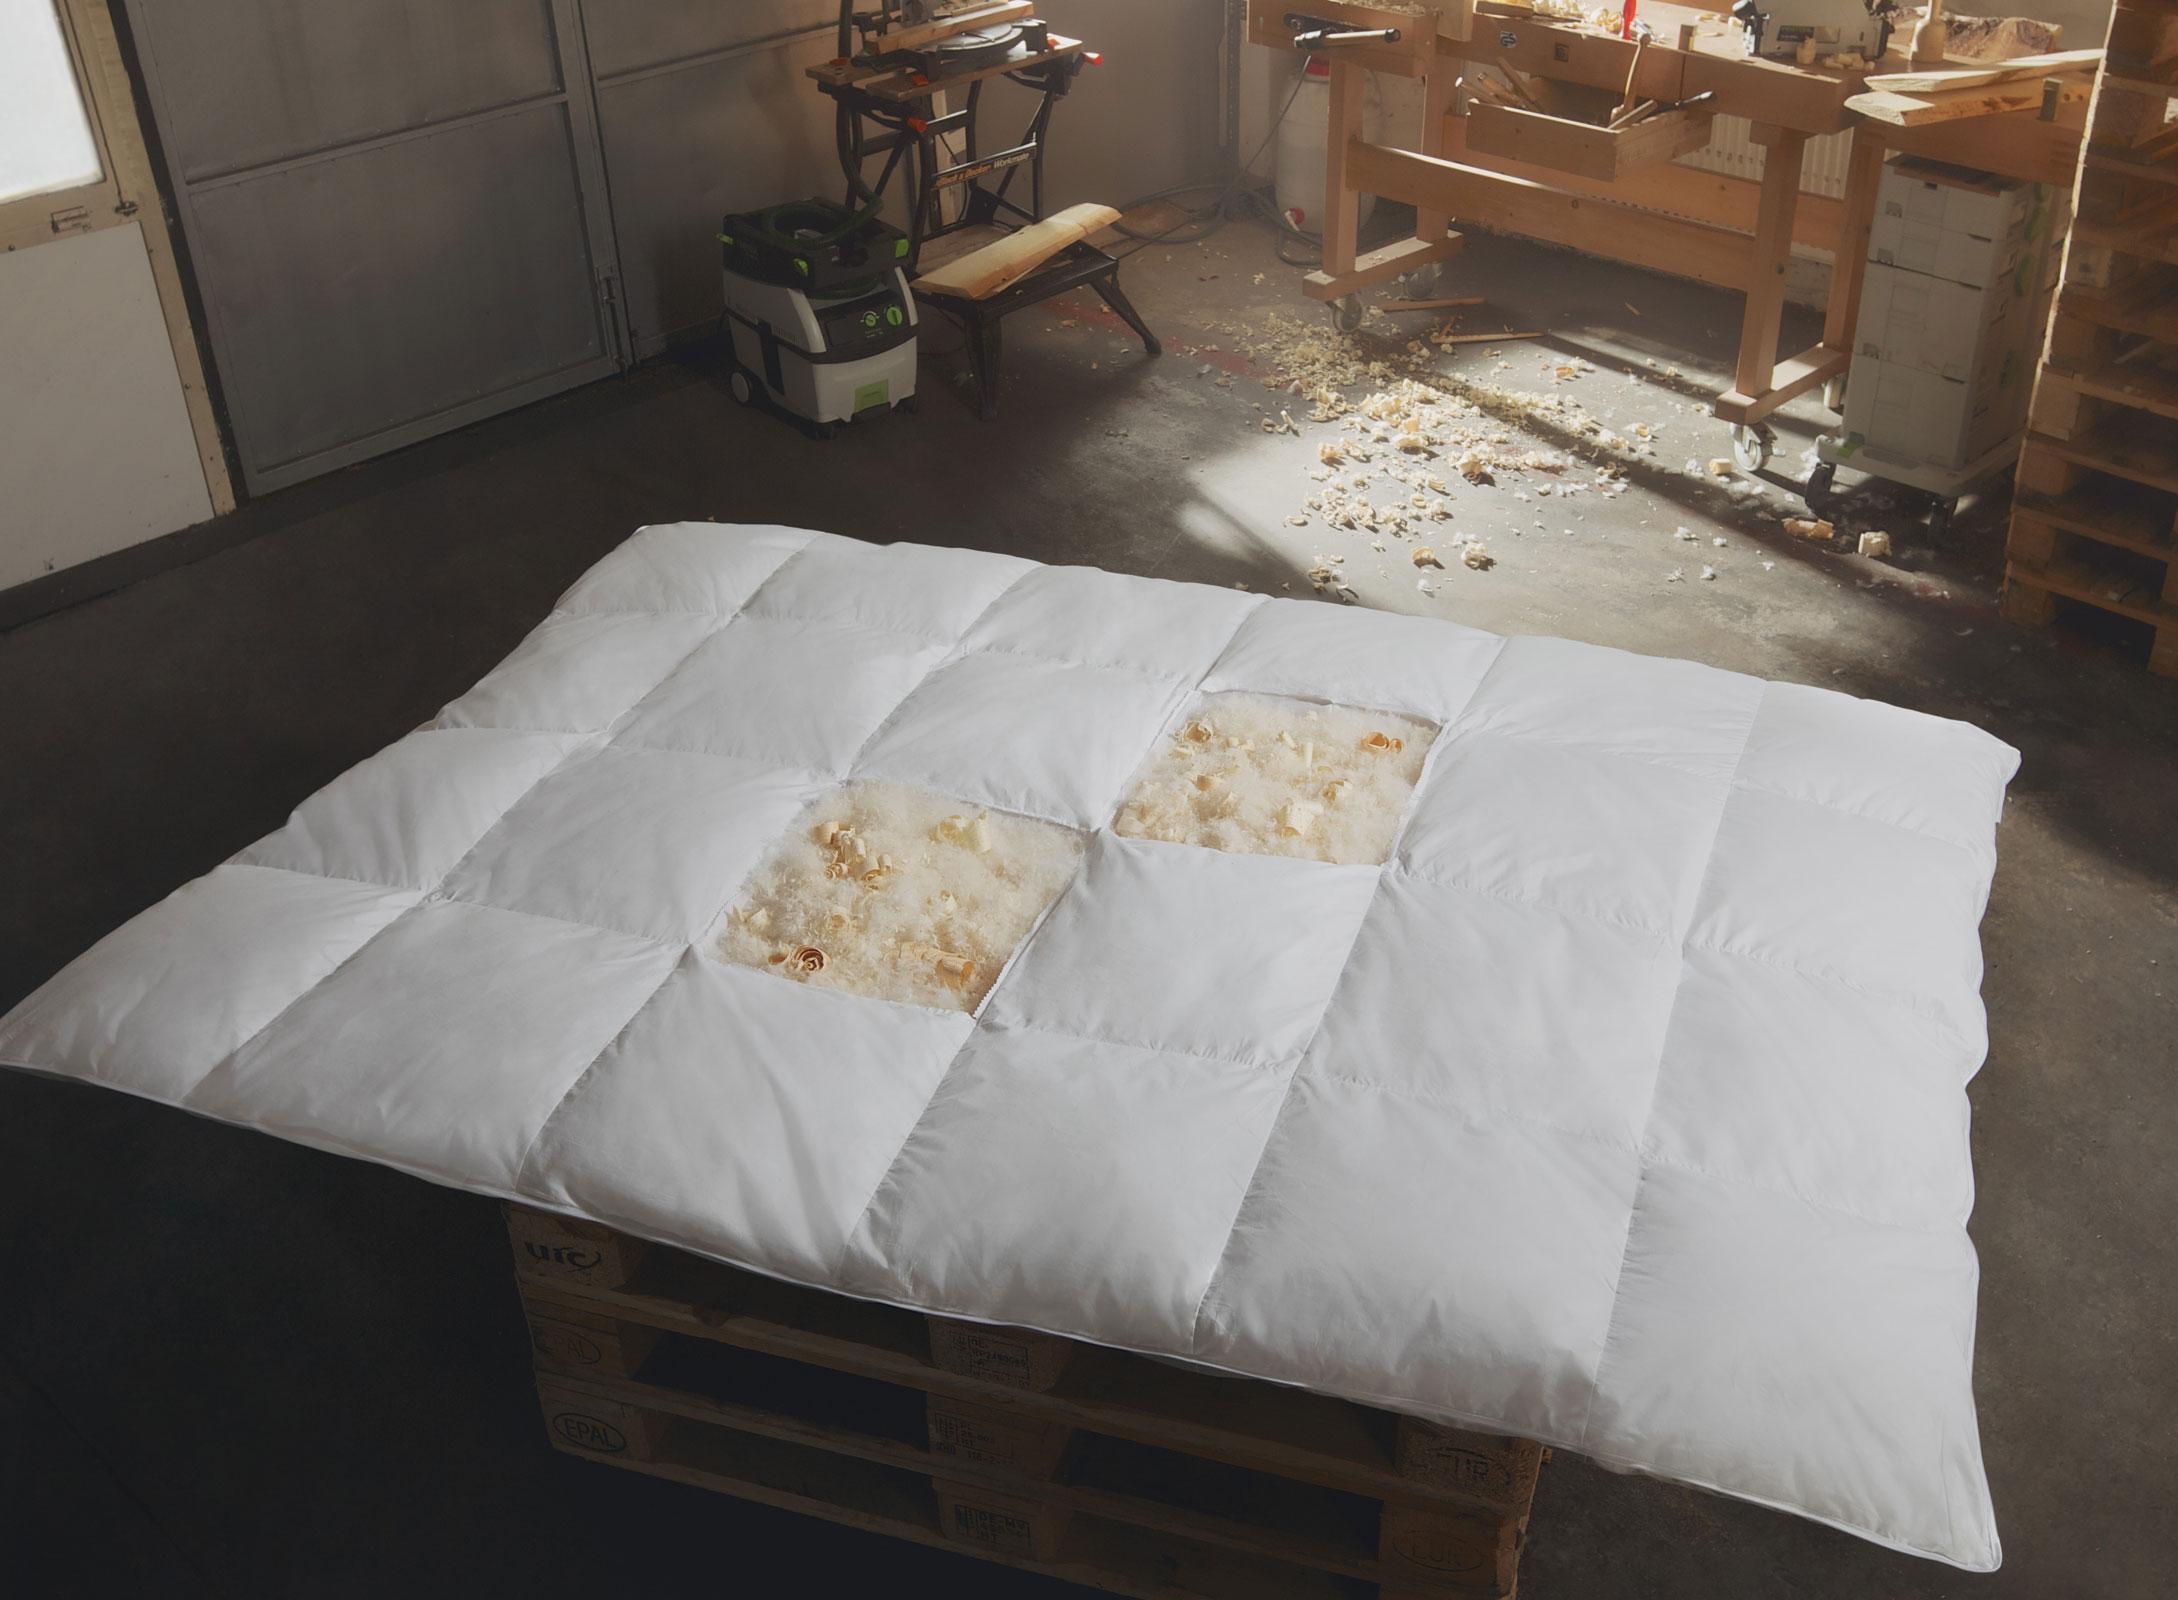 Bettdecken und Kopfkissen - Zirben Daunen Bettdecke Ganzjahresbett leicht 200x200 Hermetic® Zirbe  - Onlineshop PremiumShop321